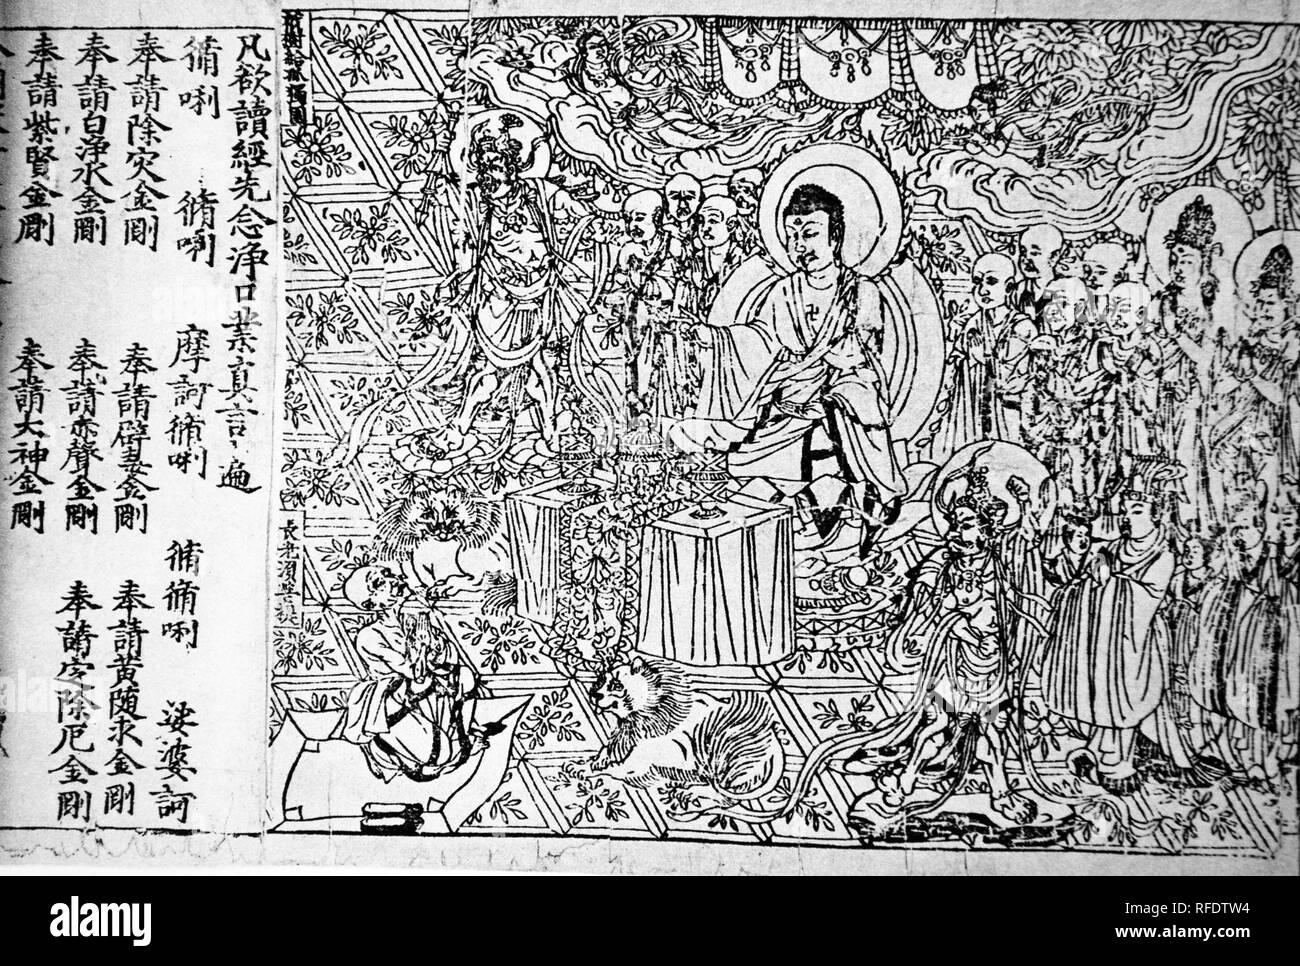 La Prajna paramita, 868 annuncio anche chiamato Sutra del diamante è un sutra del Mahayana dal PrajA+?p?ramit? o 'perfezione della saggezza' genere e sottolinea la pratica di non rispettare e non-attaccamento. Questa copia della versione cinese del Sutra del Diamante, trovata tra i manoscritti Dunhuang all inizio del XX secolo da Aurel Stein, è datato Maggio 11, 868 ed è la prima completa libro stampato Immagini Stock